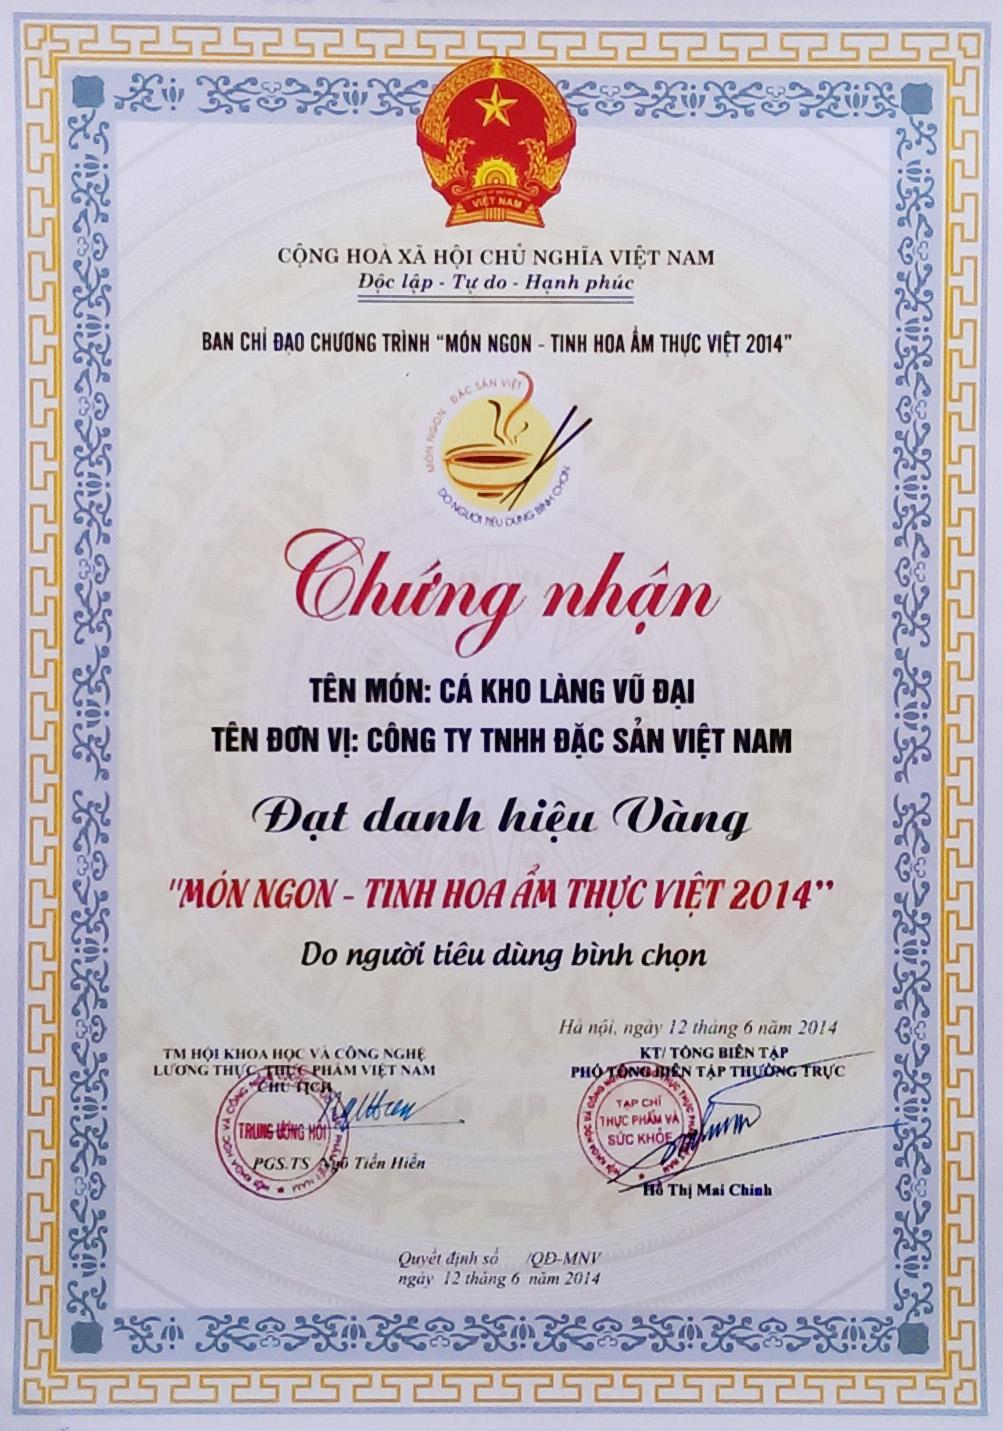 Chứng nhận danh hiệu Vàng - Món ngon tinh hoa ẩm thực Việt 2014